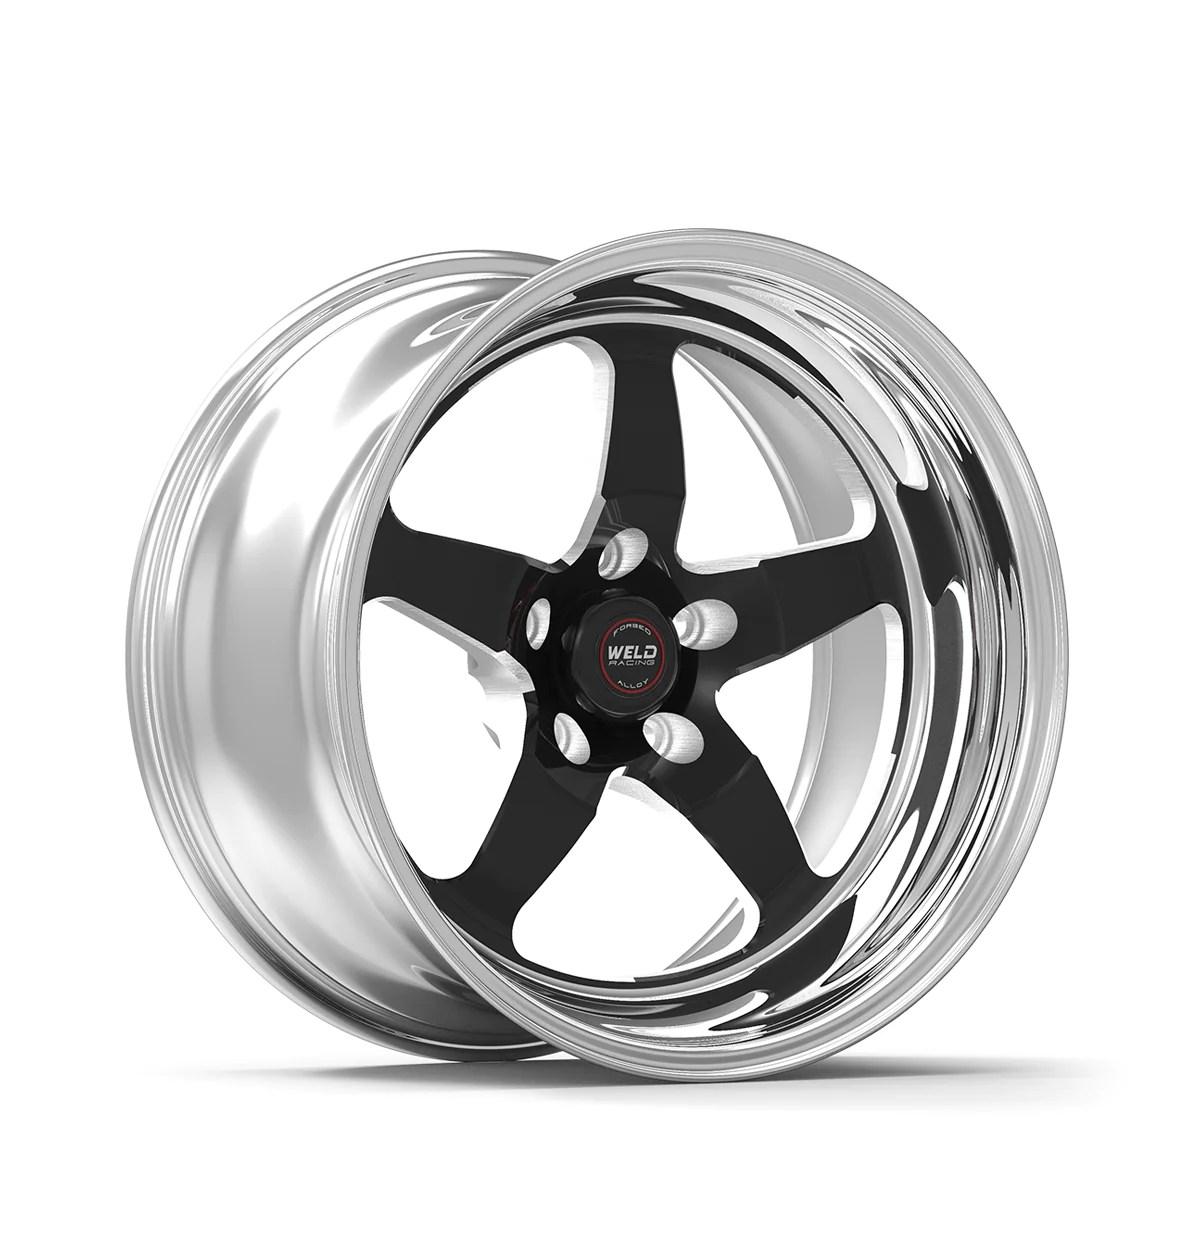 Wheels 4 Racing American Spoke Order 15x8 5